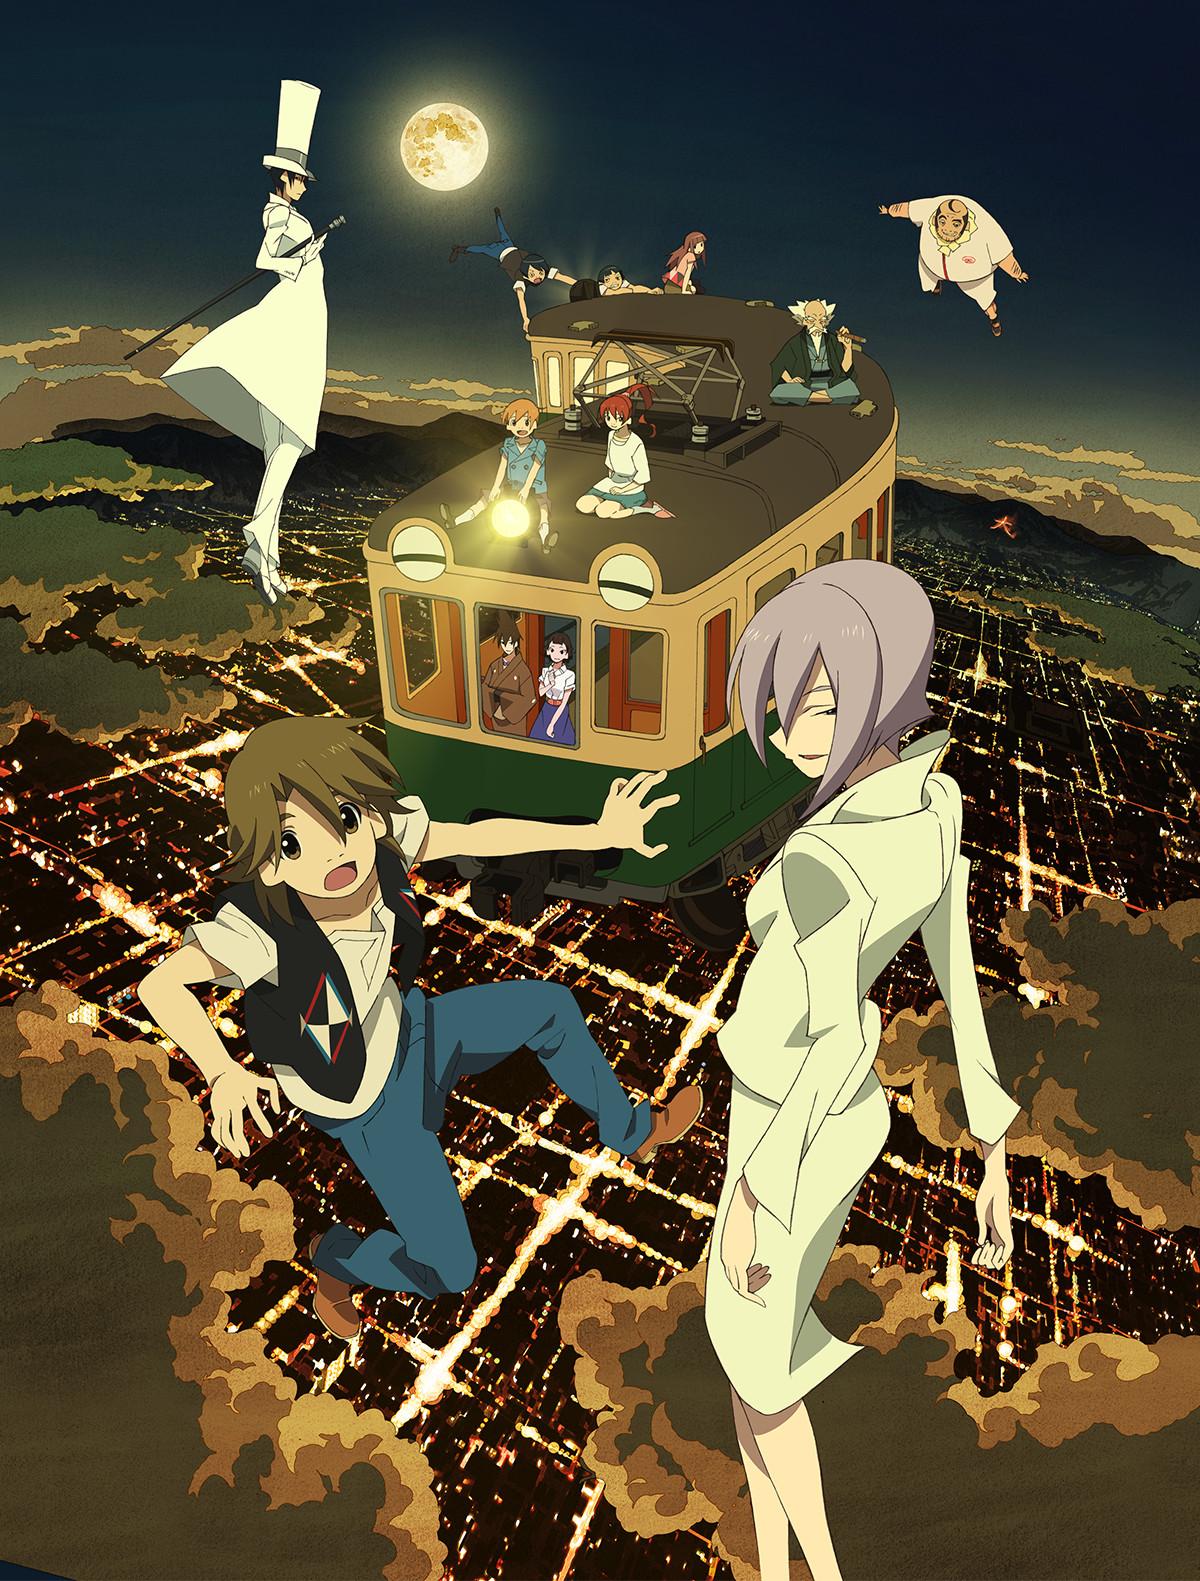 http://uchoten2-anime.com/img/home/visual_01_pc.jpg